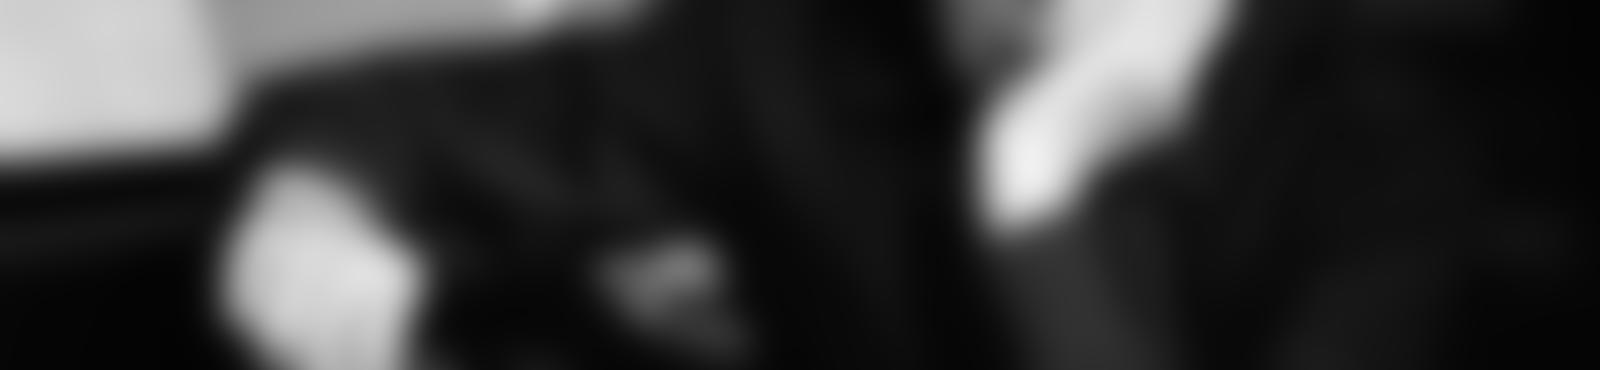 Blurred ba302d26 3d52 4577 89be dc07d8558e80